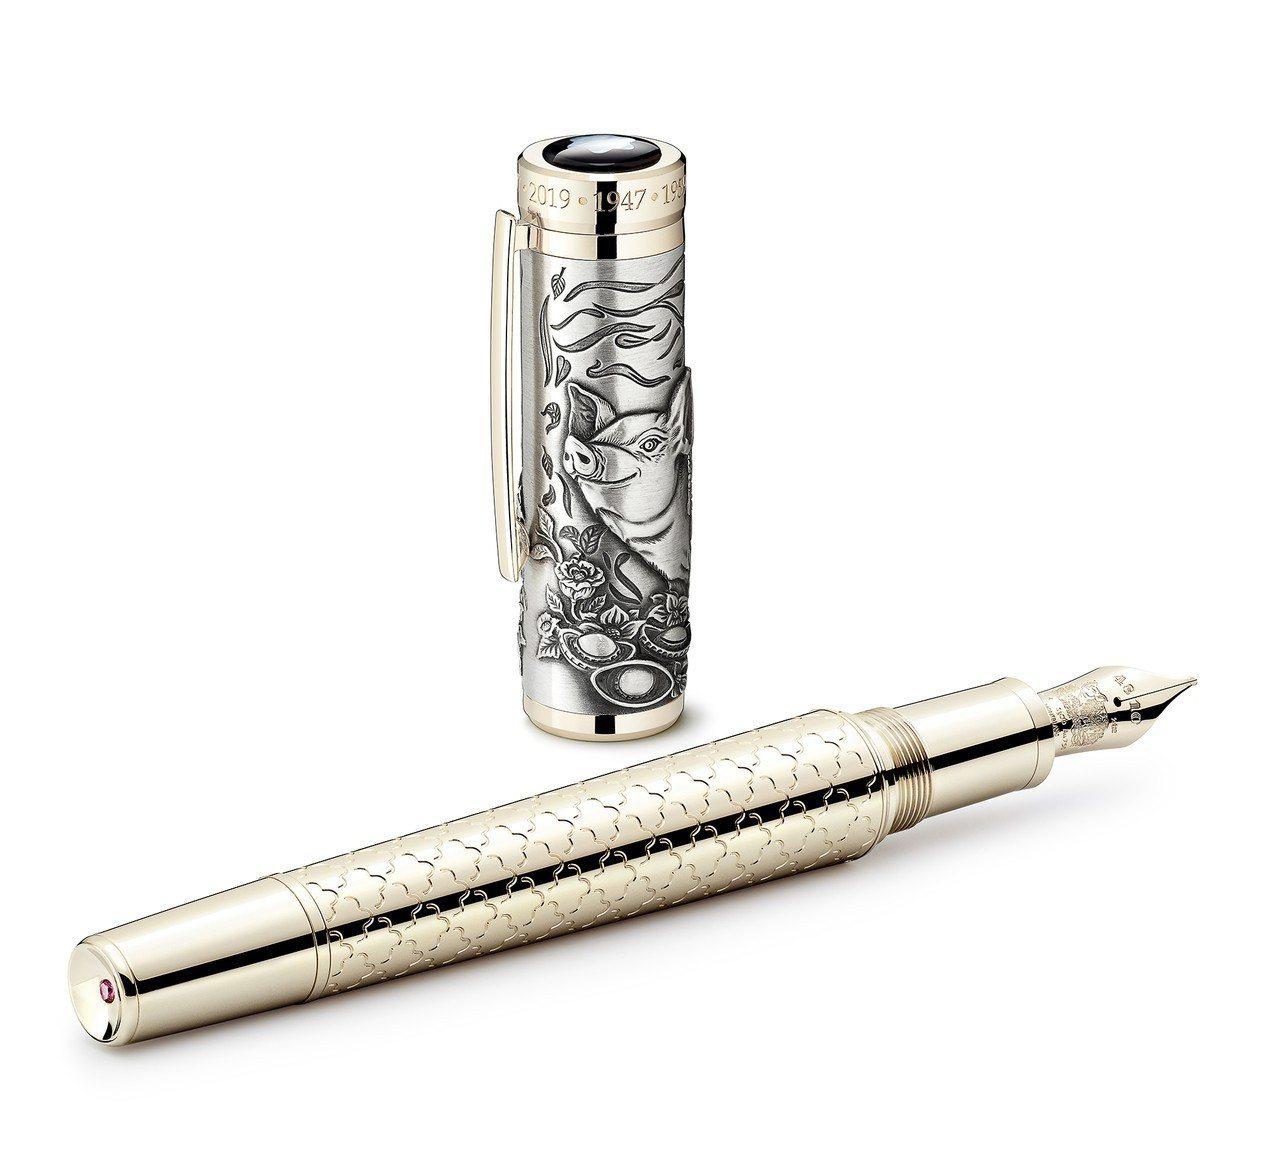 萬寶龍生肖與符號系列豬年限量款512鋼筆,17萬7,000元,限量512支。圖/...